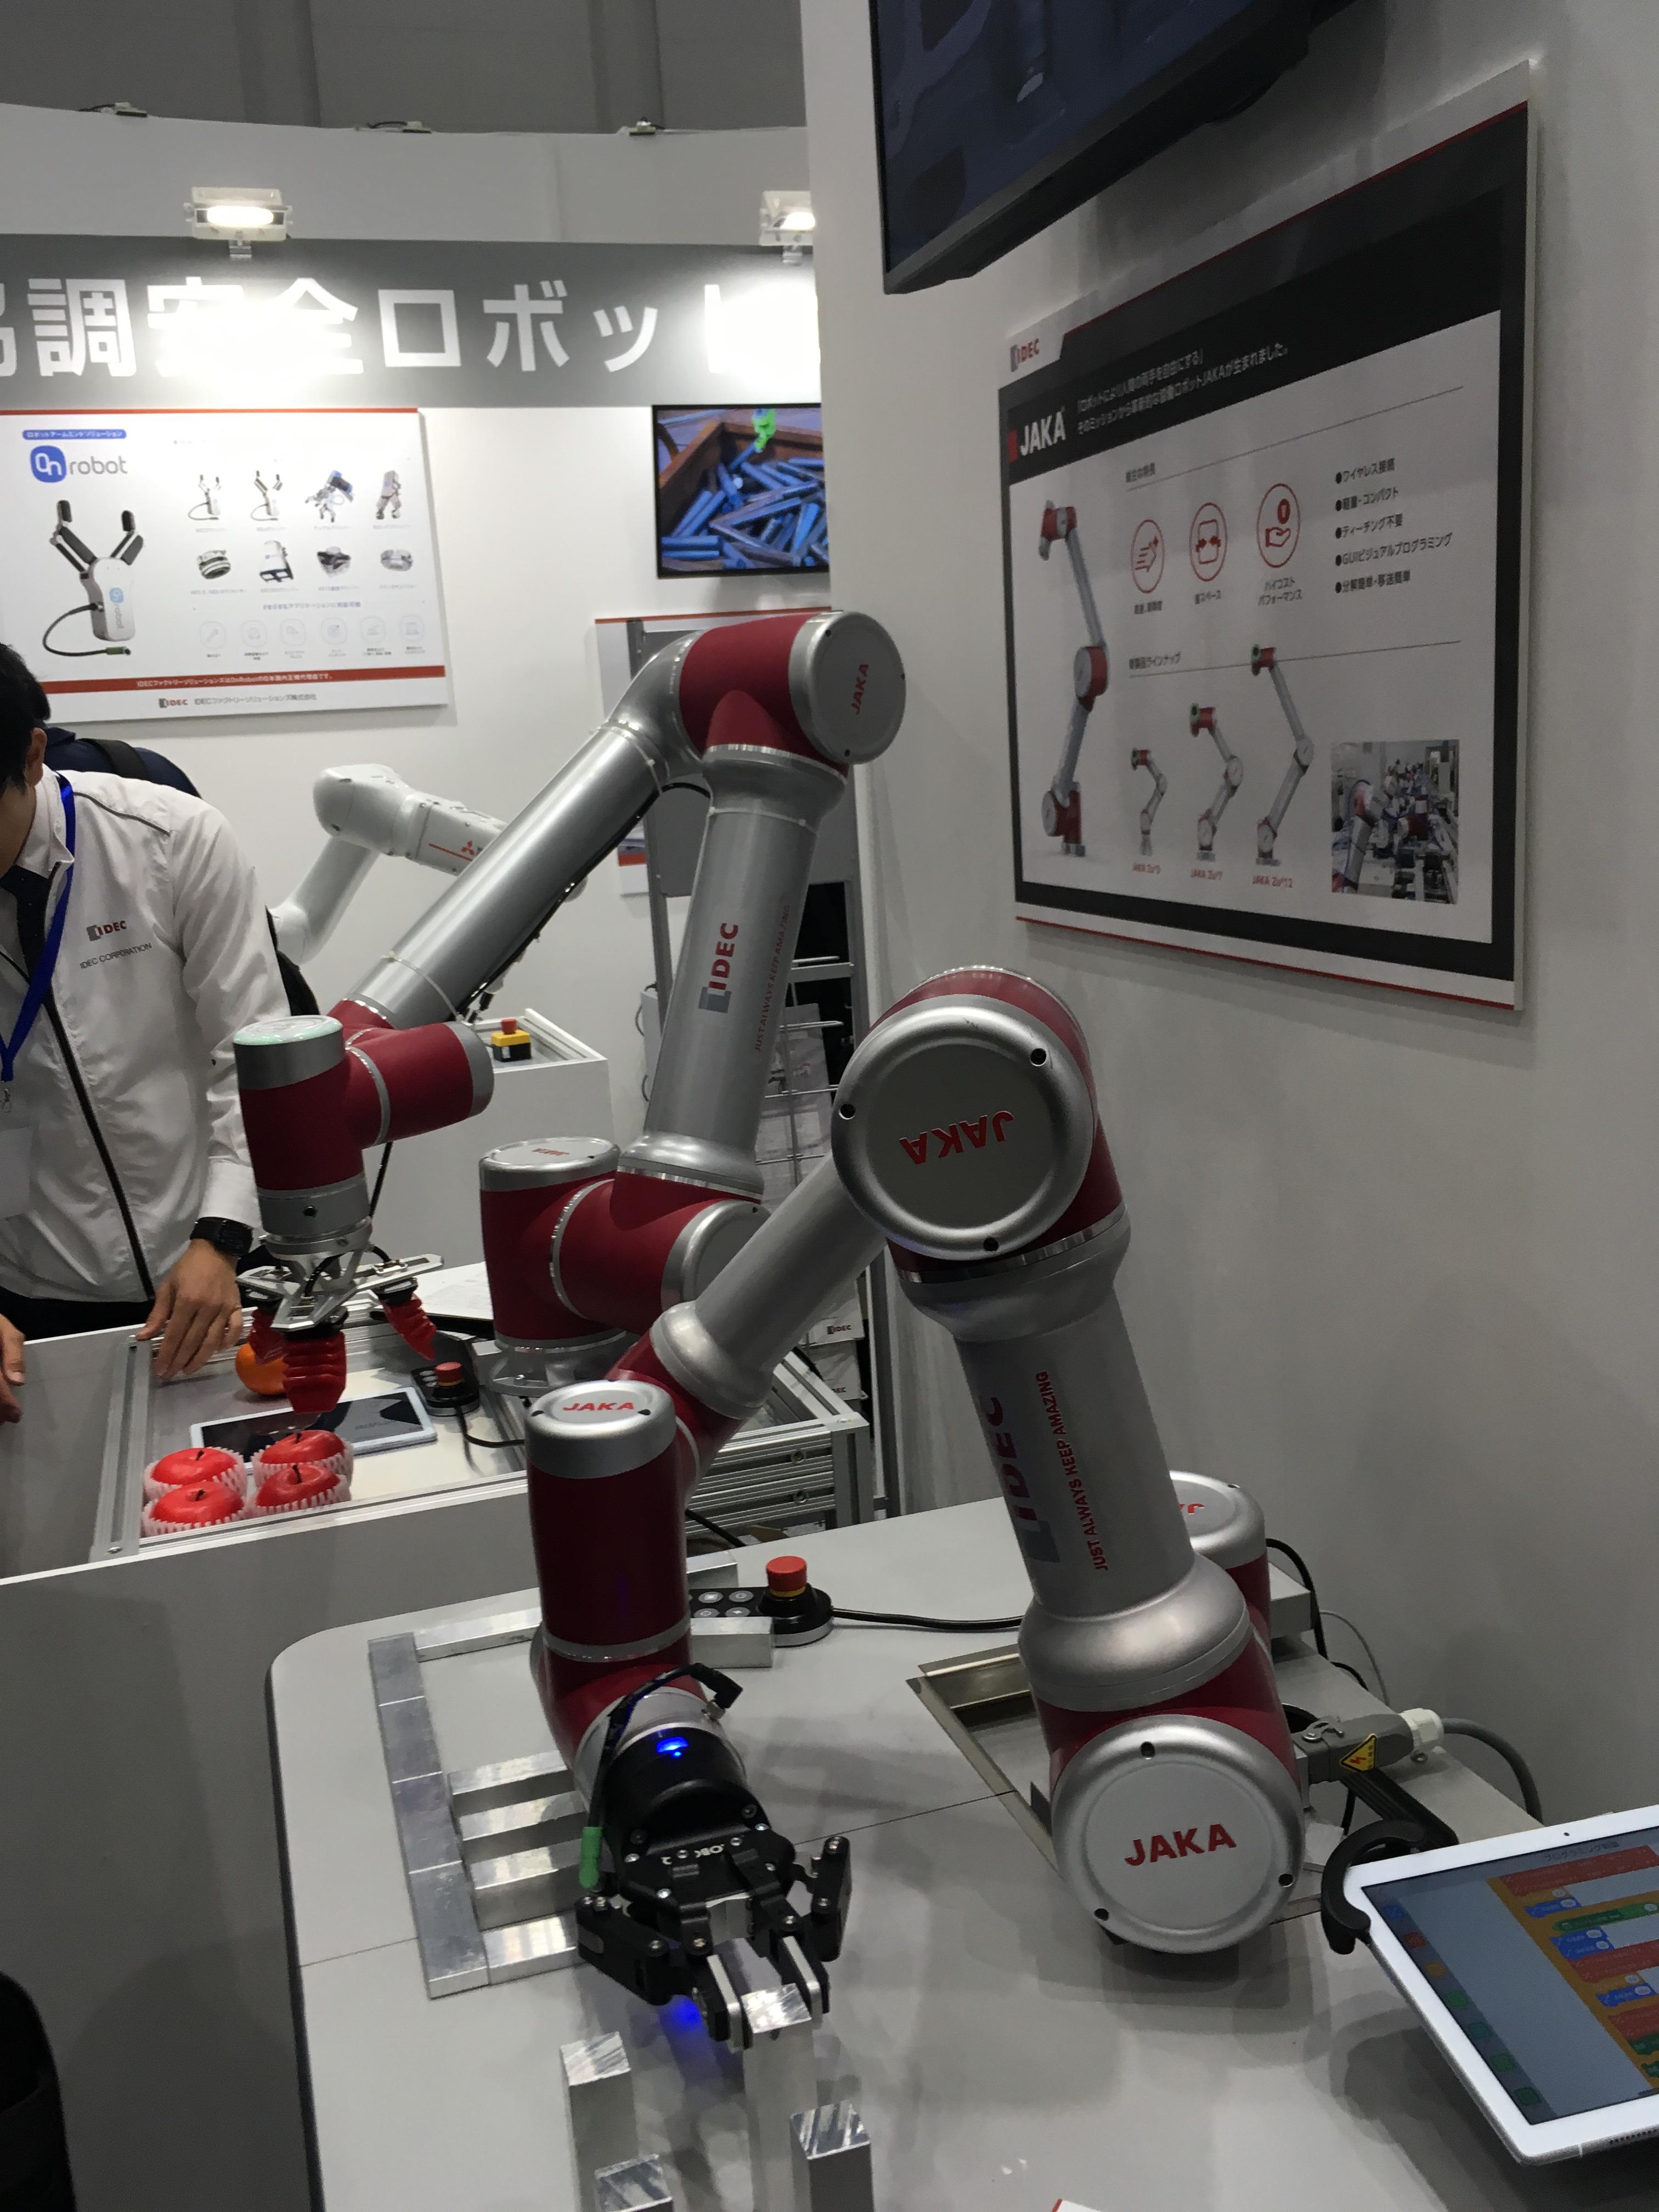 2019国際ロボット展、IDEC展示ブースレポート